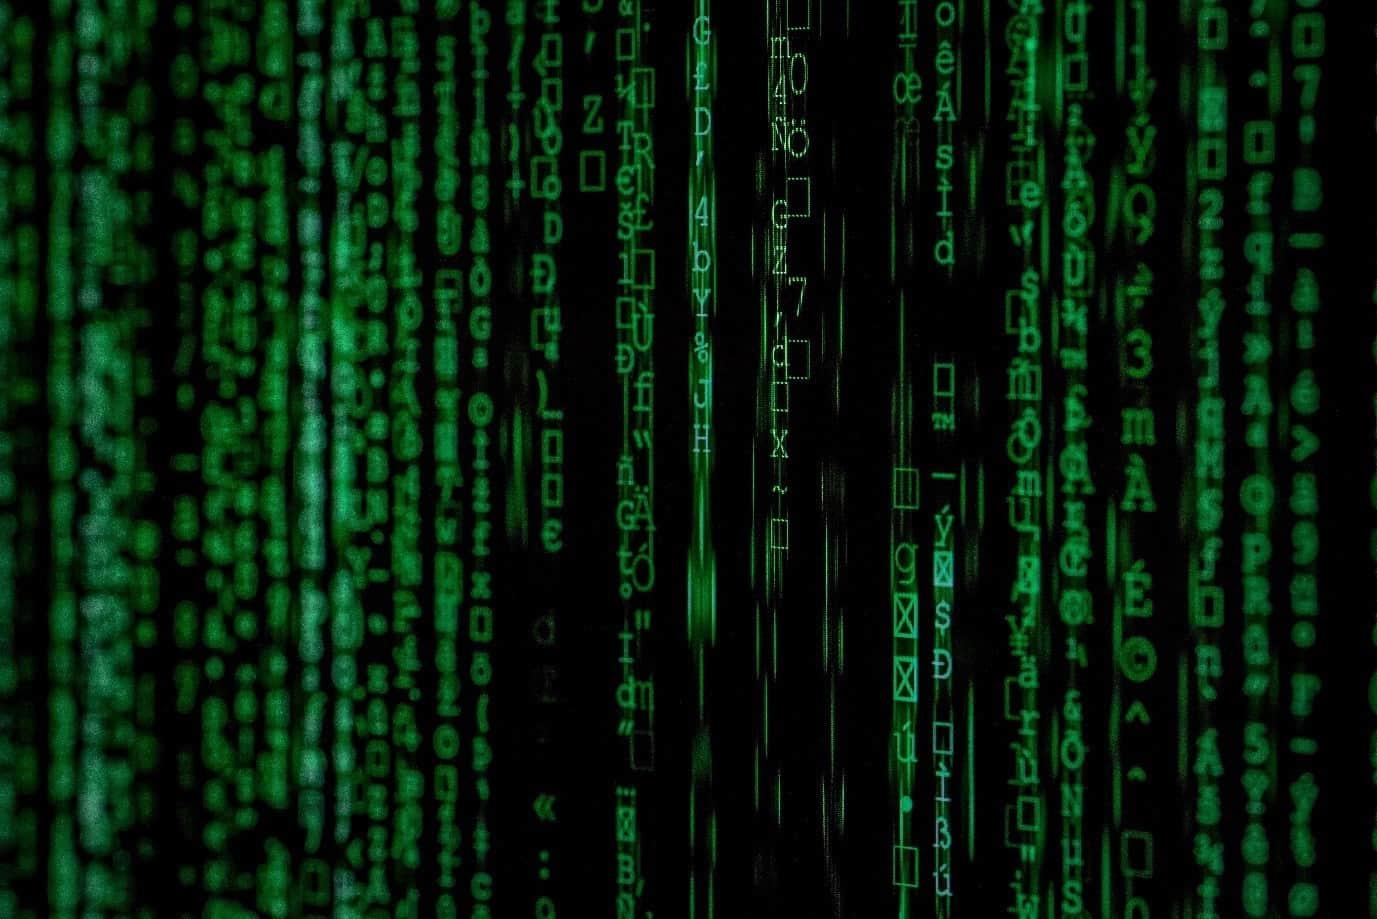 Etiqueta alternativa = aprendizaje automático en la ciberseguridad